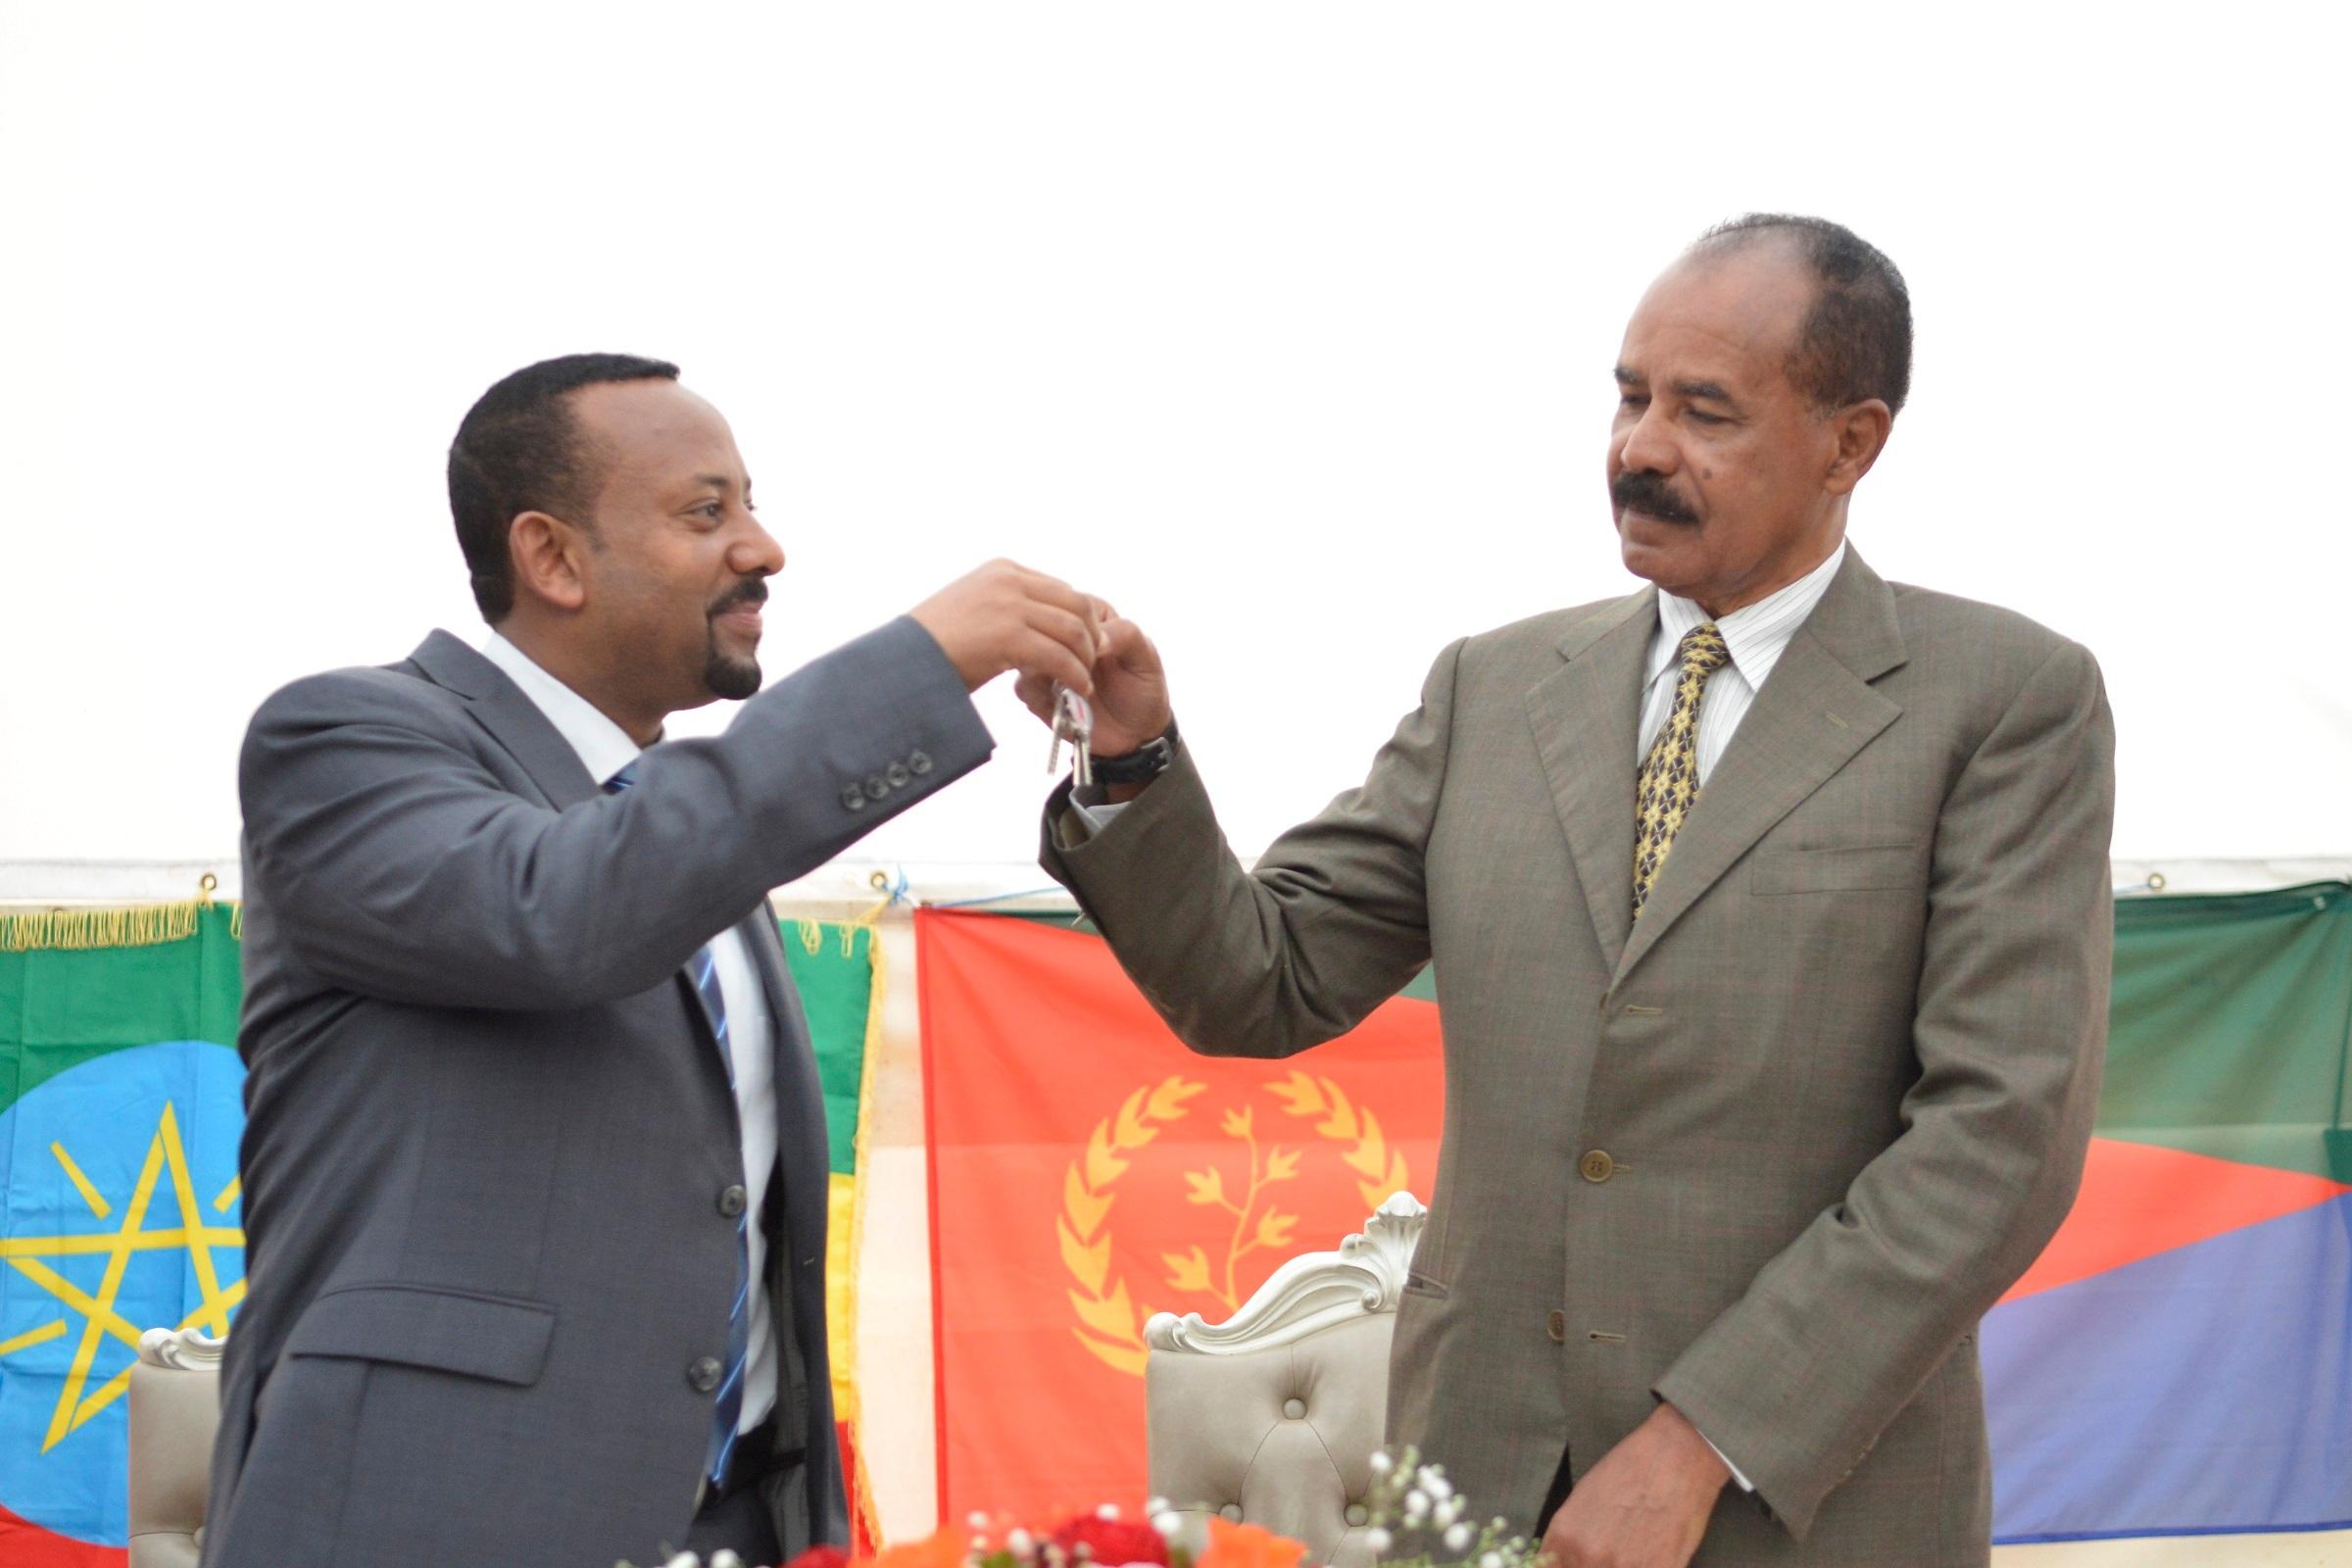 Abiy Ahmed e Isaias Afwerki Reabertura da embaixada da Eritreia na capital etíope Addis Ababa, Etiópia - 16 de julho de 2018 O primeiro-ministro etíope Abiy Ahmed (E) e o presidente da Eritreia Isaias Afwerki (E) participam da reabertura de Embaixada da Eritreia na capital da Etiópia, Adis Abeba, Etiópia, em uma breve cerimônia em 16 de julho de 2018. Os líderes declararam seu & # 039; estado de guerra & # 039; Mais de uma semana atrás, e Isaias passou o fim de semana na Etiópia. A Eritreia reabriu sua embaixada na Etiópia em 16 de julho, como prova de um rápido degelo entre dois países que há uma semana terminou duas décadas de estagnação militar em uma guerra de fronteira na qual dezenas de milhares morreram.